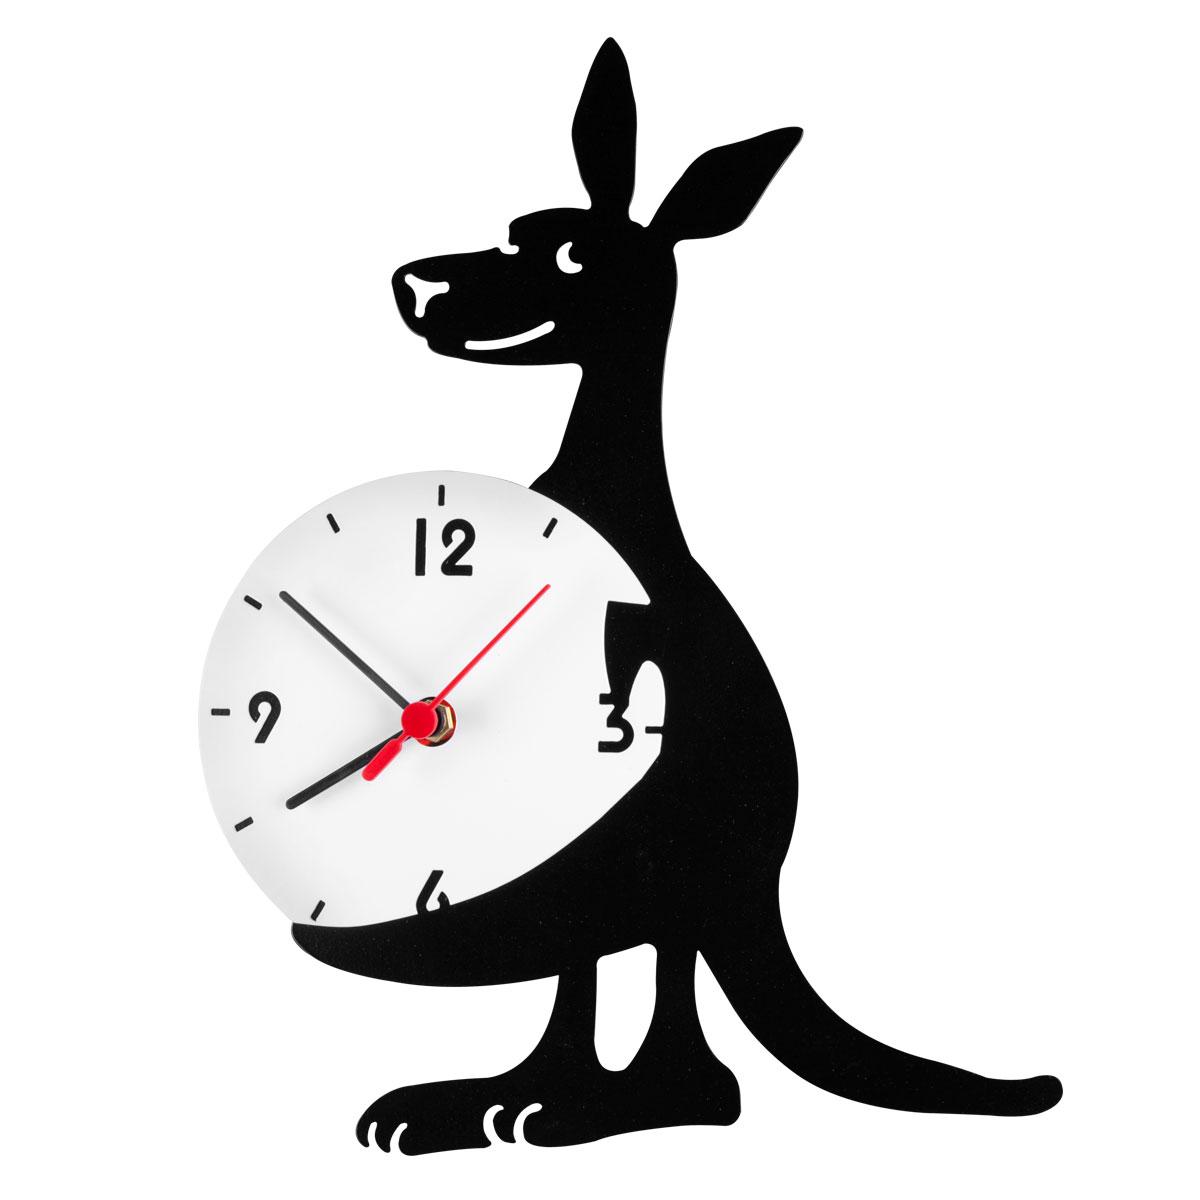 Часы настенные Miolla КенгуруCH016Оригинальные настенные часы круглой формы выполнены из стали. Часы имеют три стрелки - часовую, минутную и секундную и циферблат с цифрами. Необычное дизайнерское решение и качество исполнения придутся по вкусу каждому. Часы работают от 1 батарейки типа АА напряжением 1,5 В.